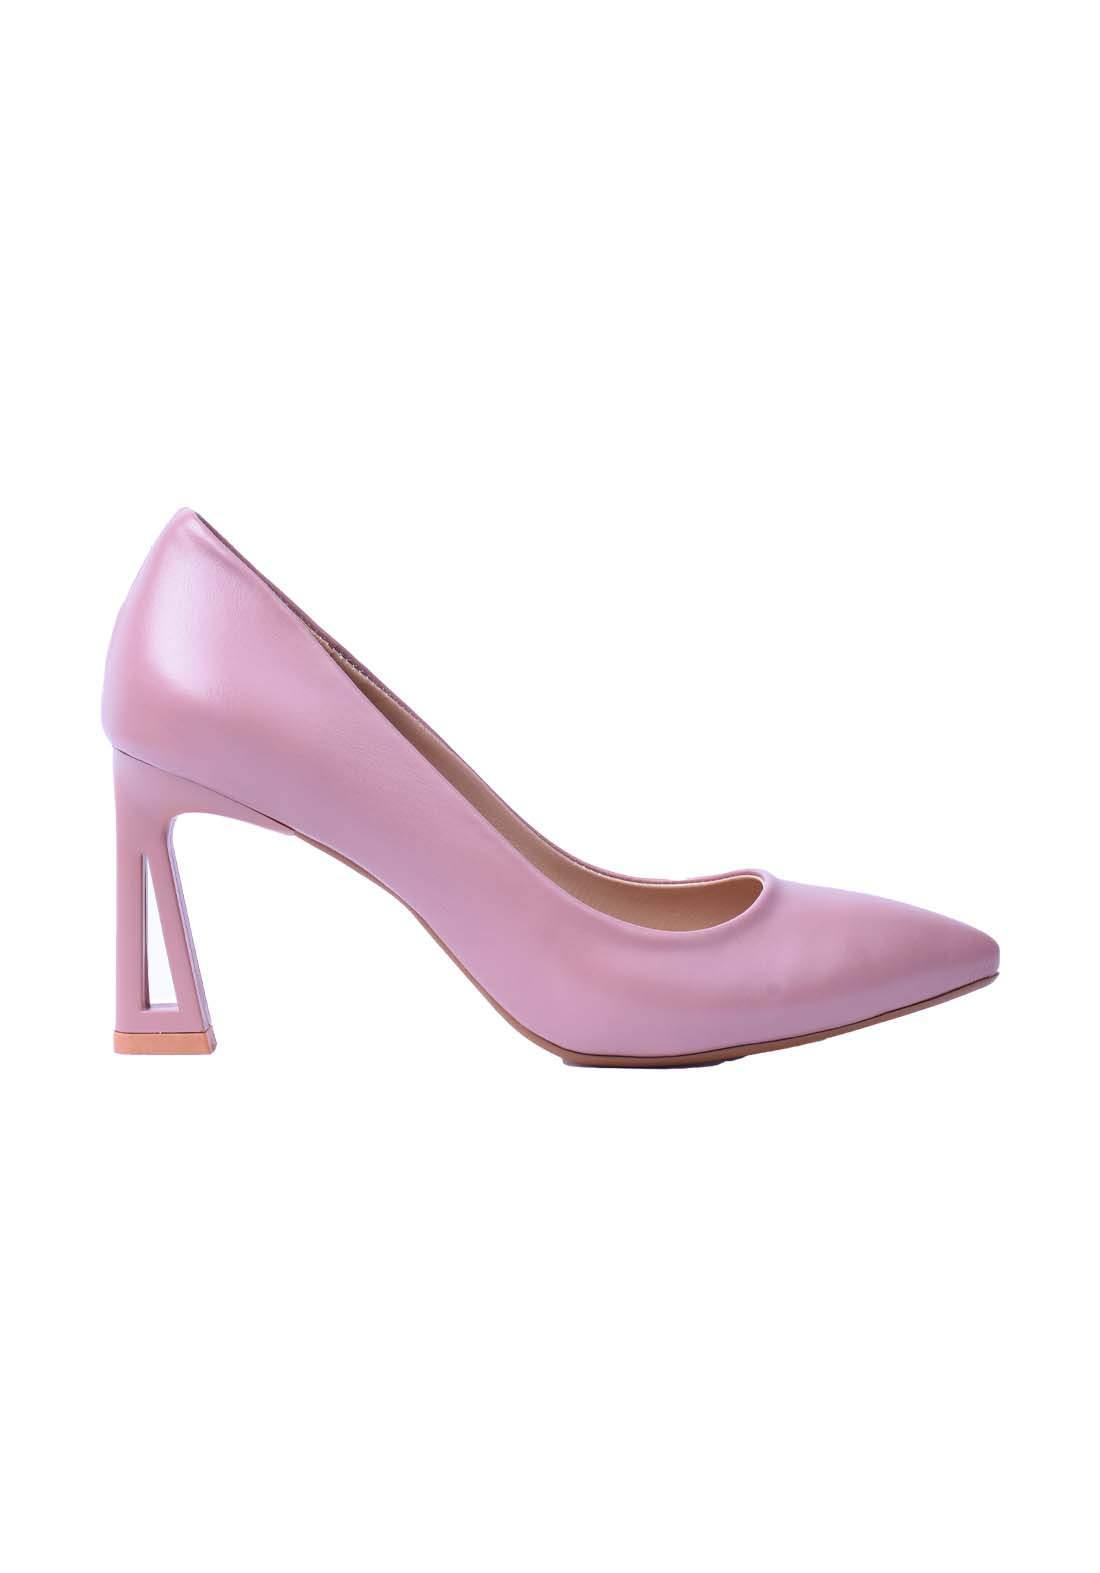 حذاء نسائي جلد وردي اللون